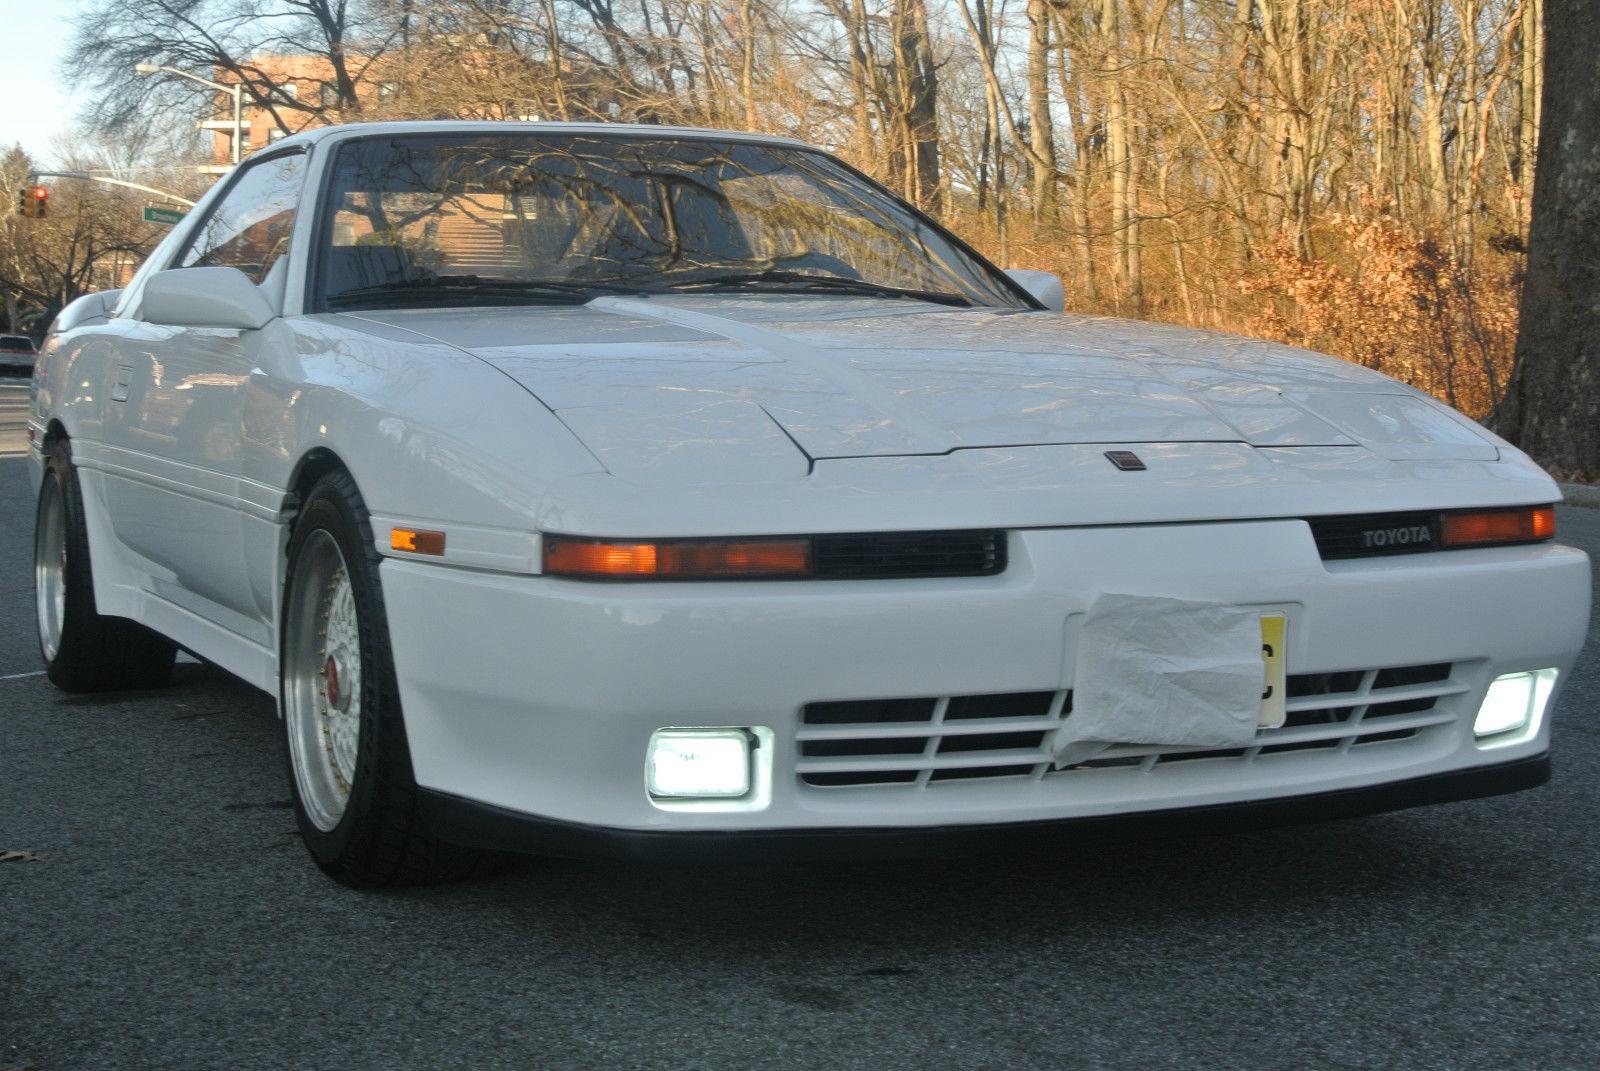 1989 Toyota Supra Turbo Hatchback 2 Door 3 0l Classic